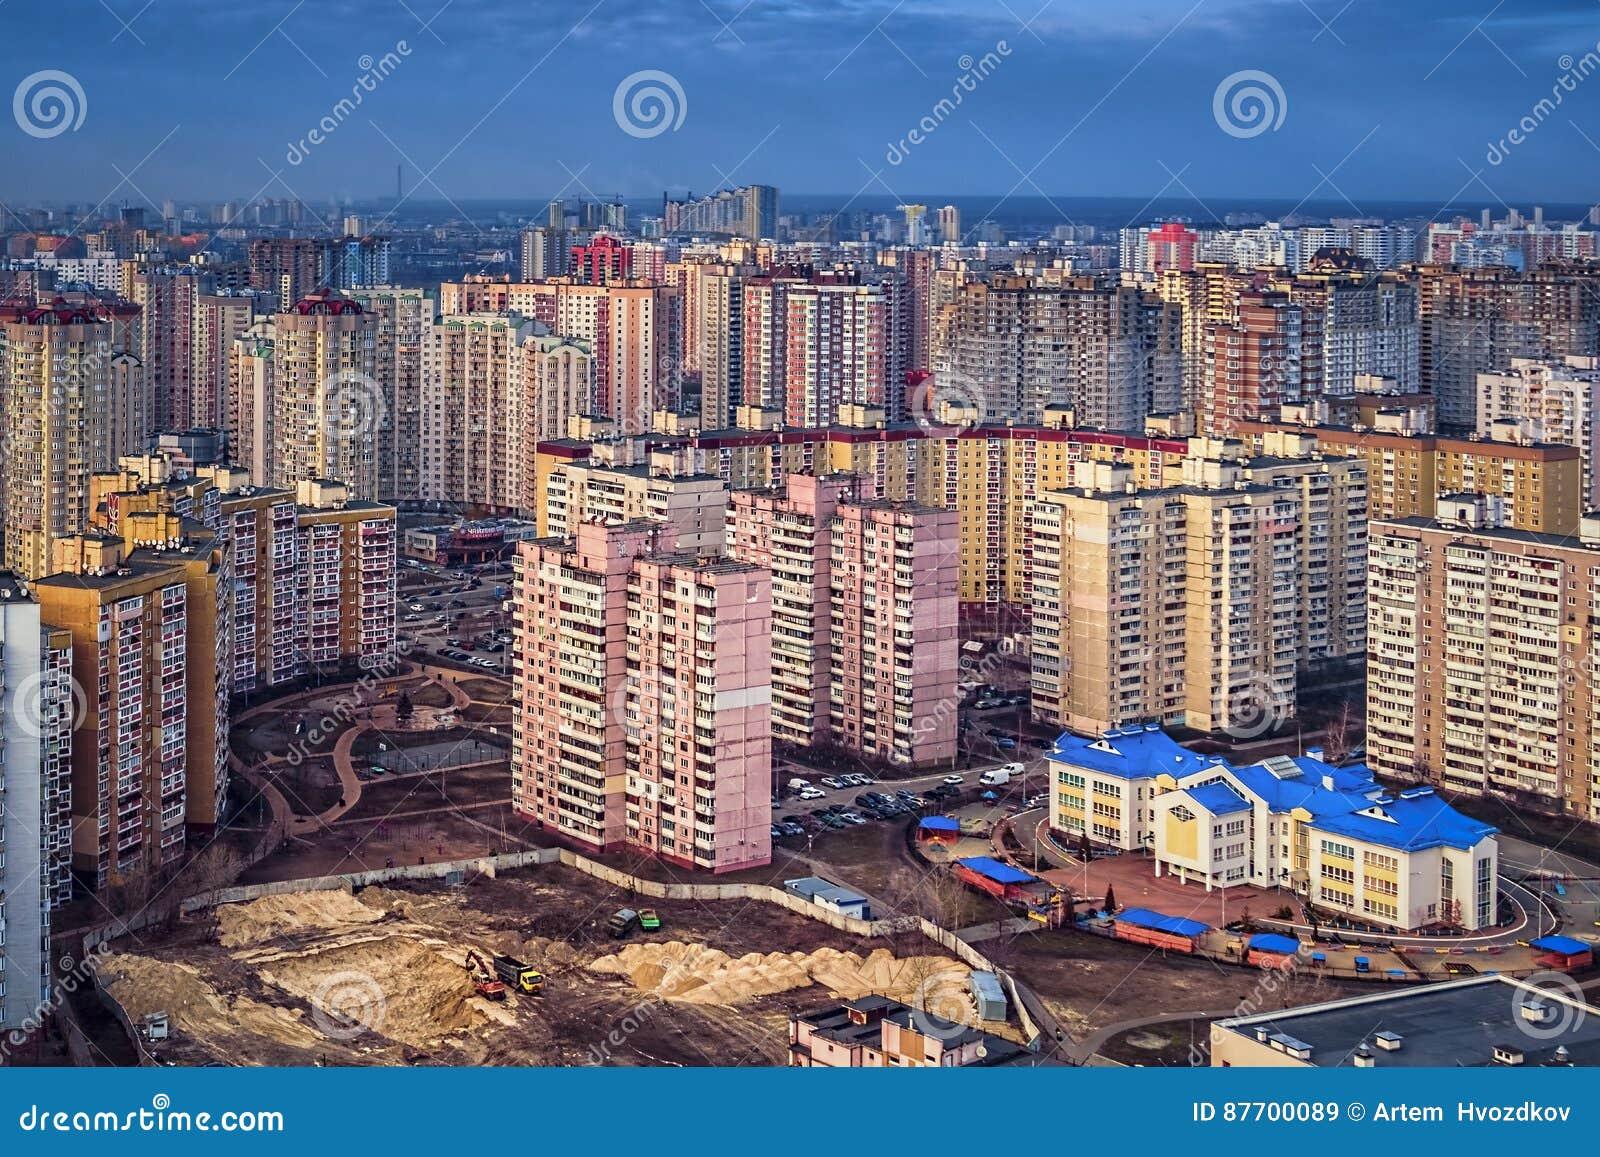 Bâtiments résidentiels colorés, jour, extérieur